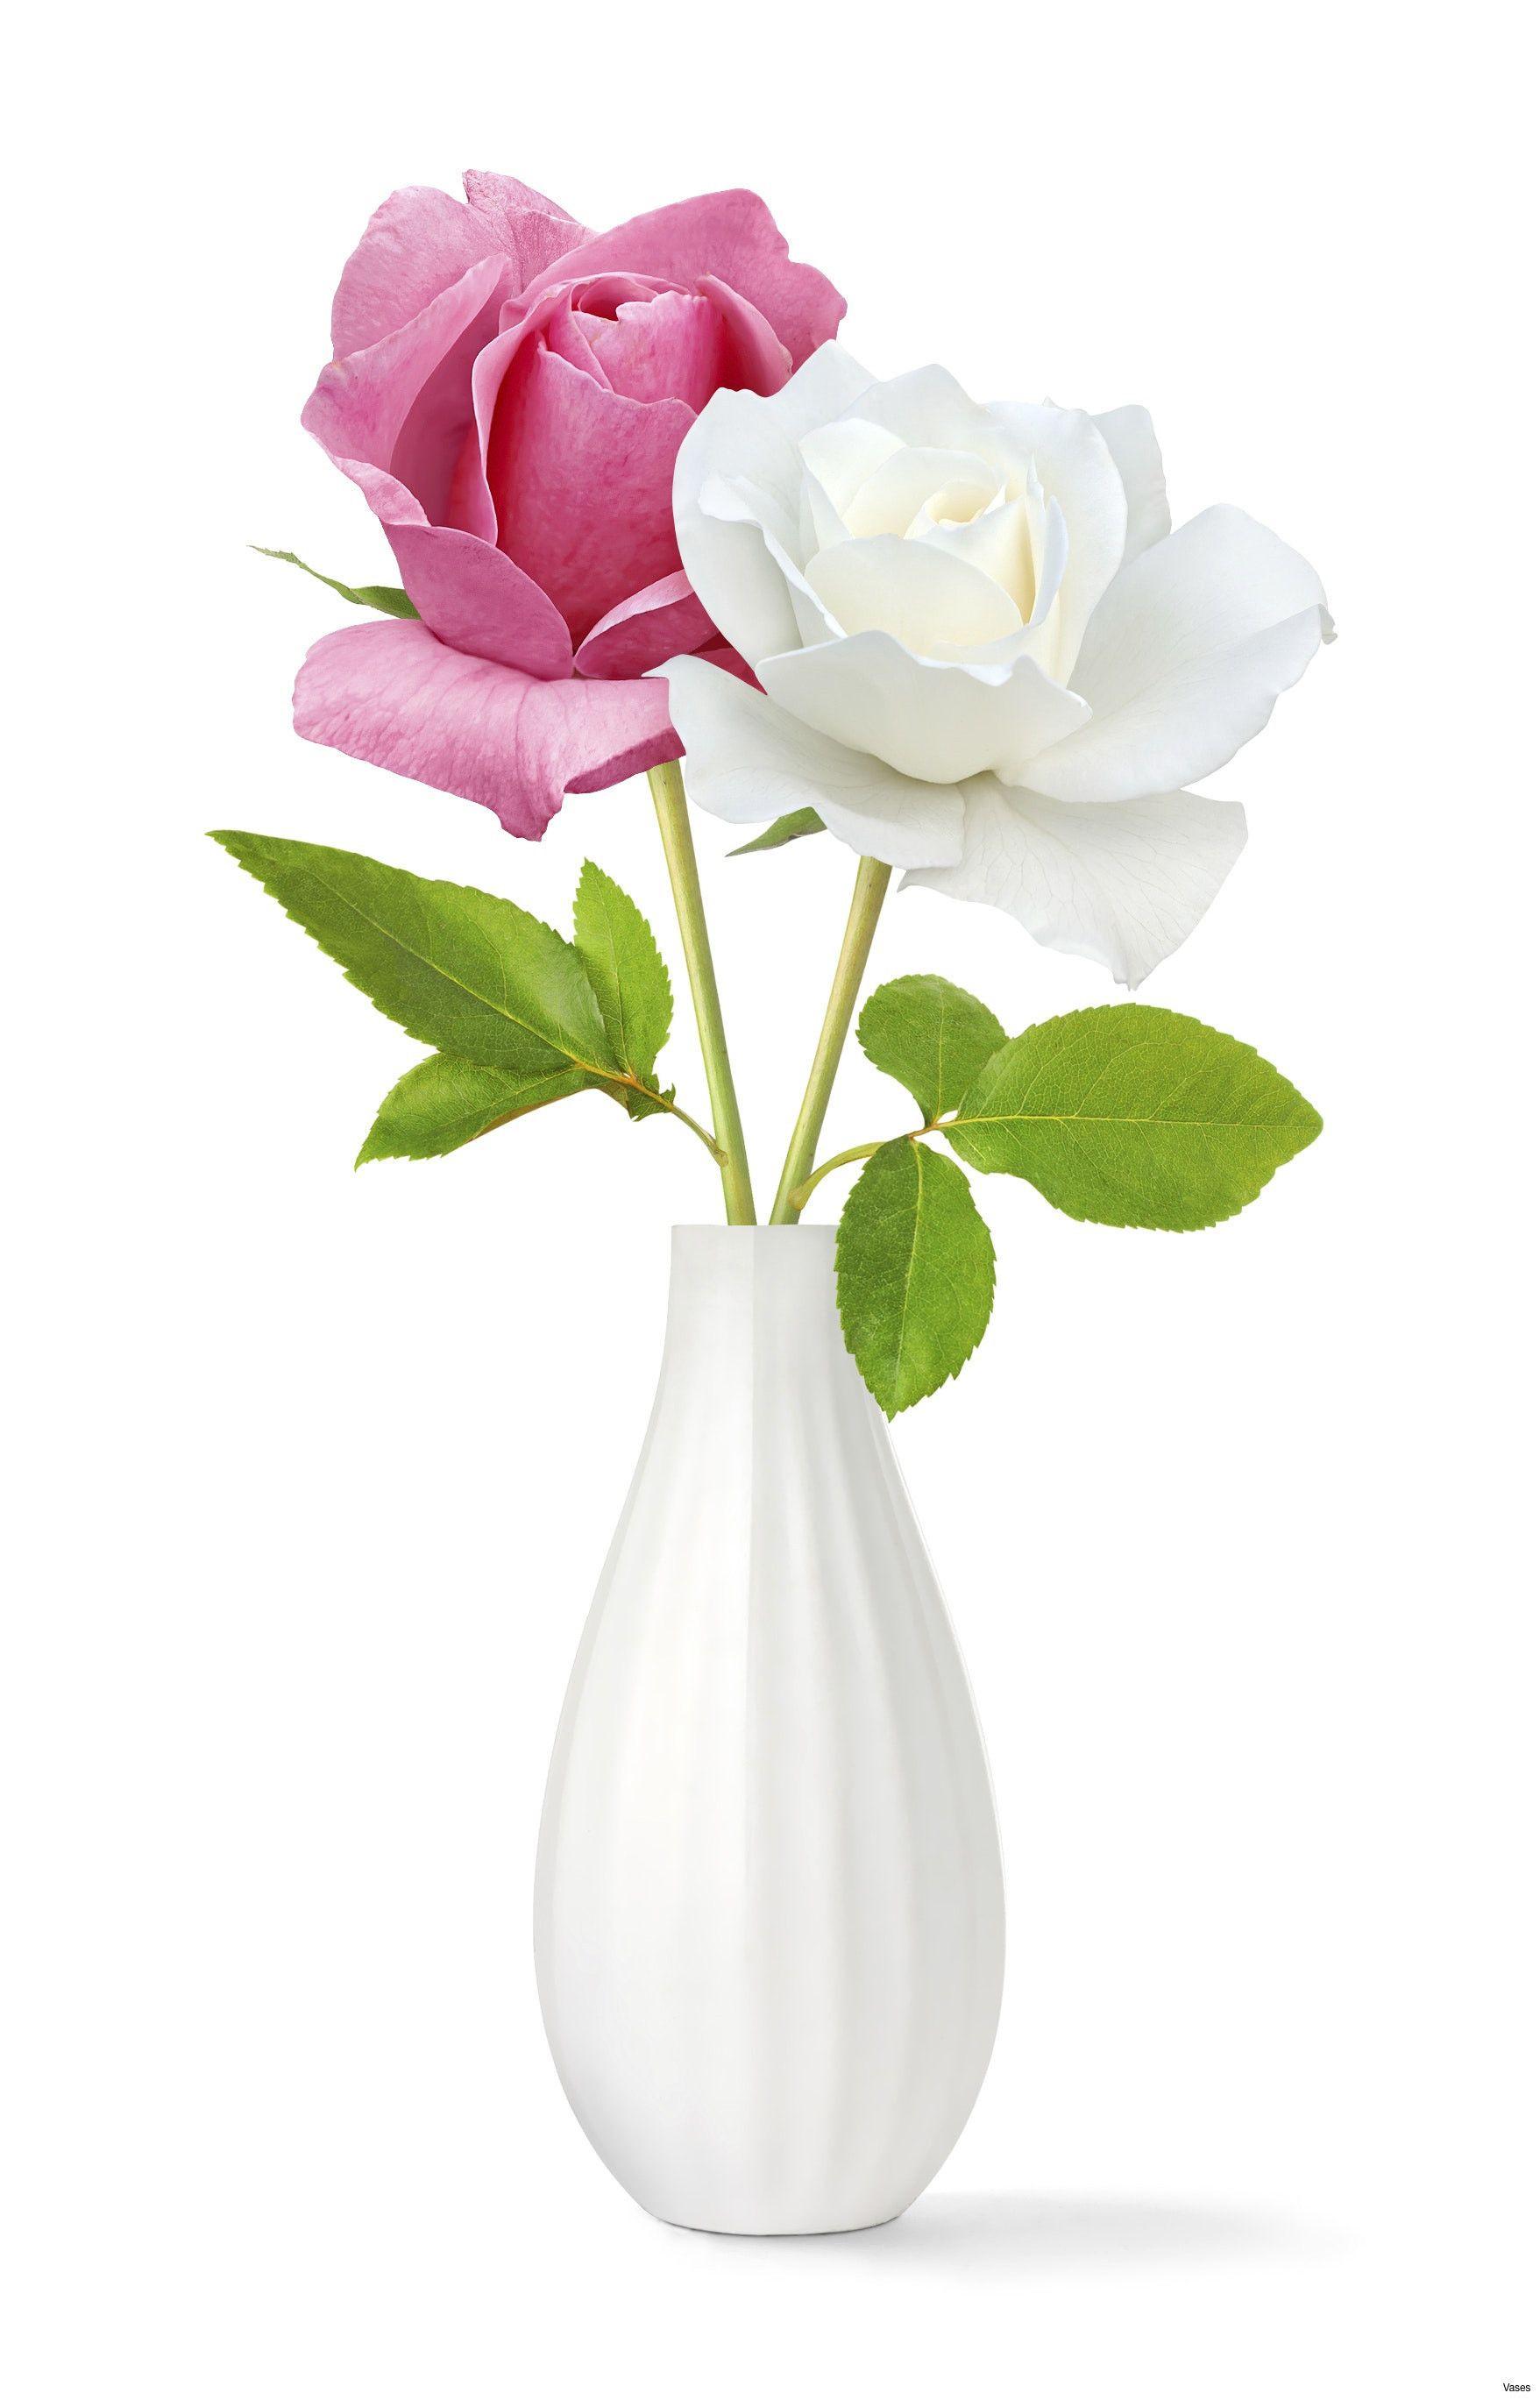 cheap white bud vases of light pink vase elegant roses red in a vase singleh vases rose intended for light pink vase elegant roses red in a vase singleh vases rose single i 0d scheme